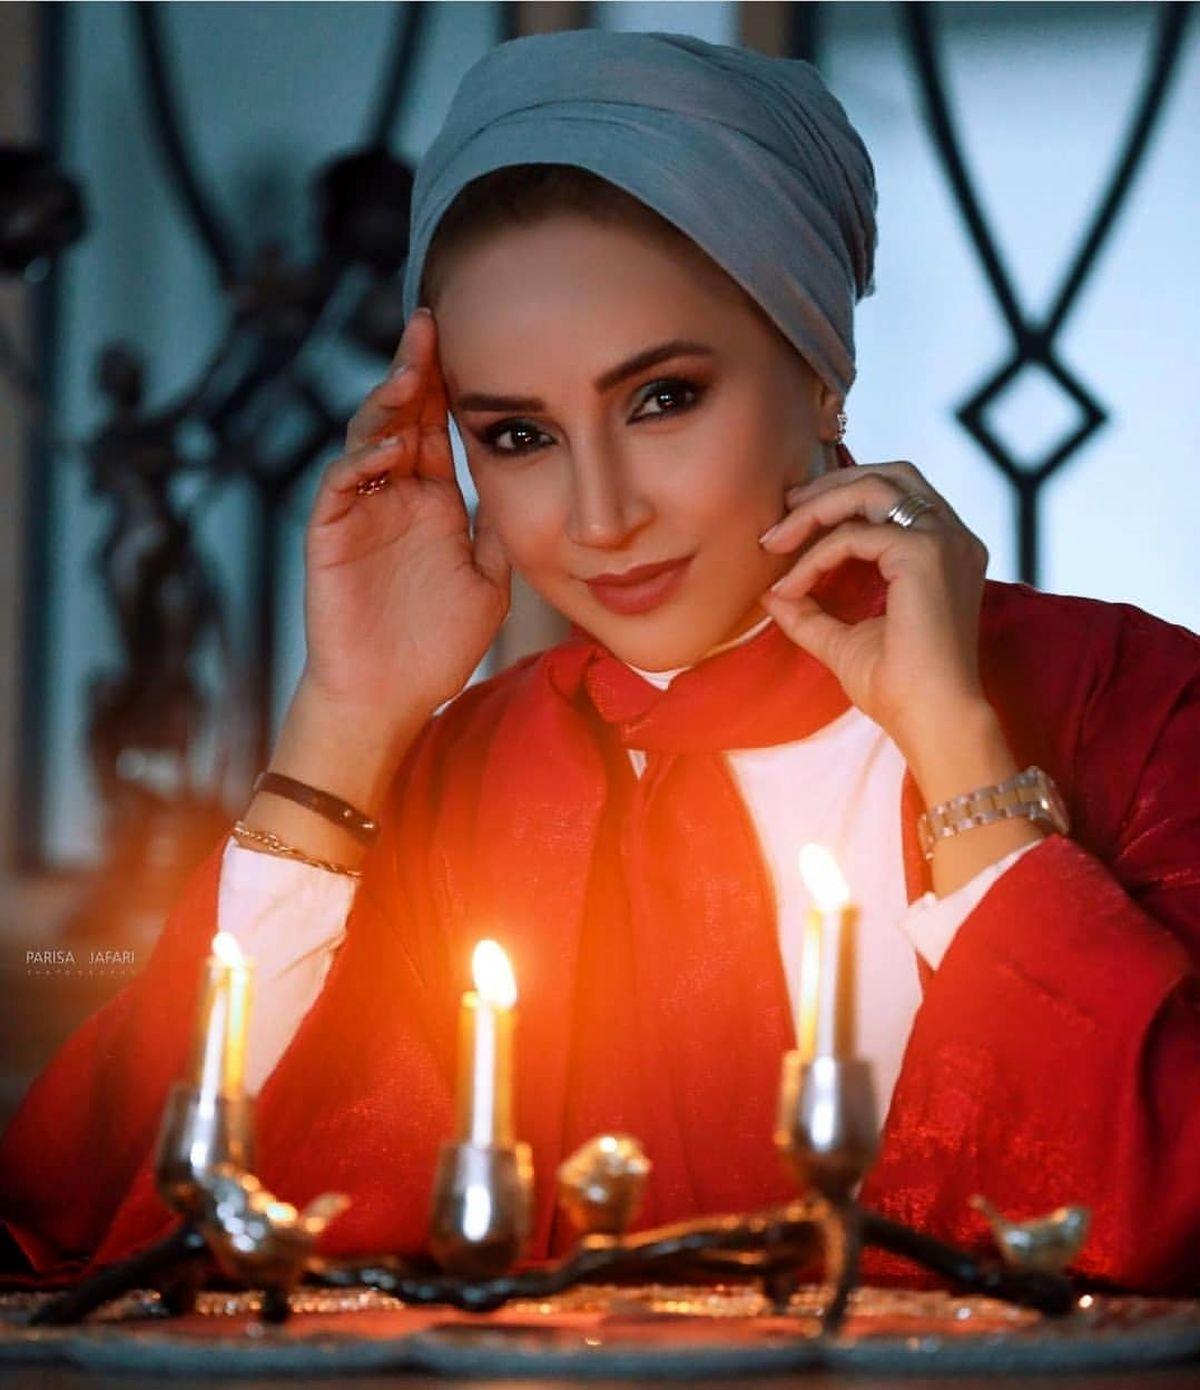 شبنم قلی خانی از ماجرای عجیب ازدواجش افشاگری کرد